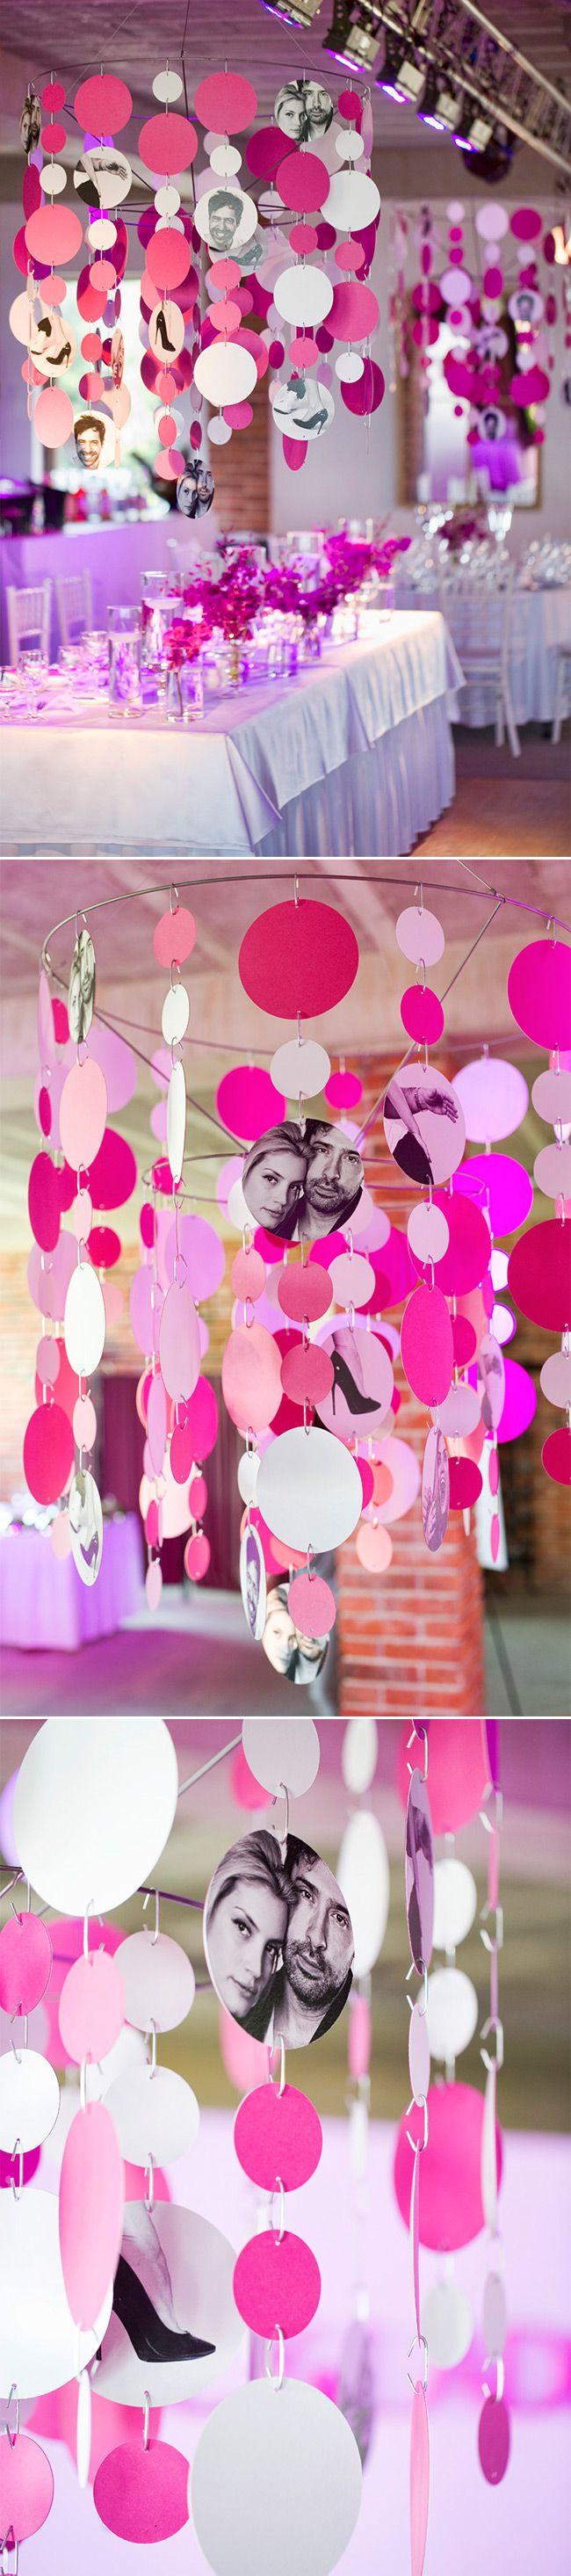 Svatba ve stylu magenta – Speciální dekorace pro svatební večer / Magenta wedding  – Special wedding decoration